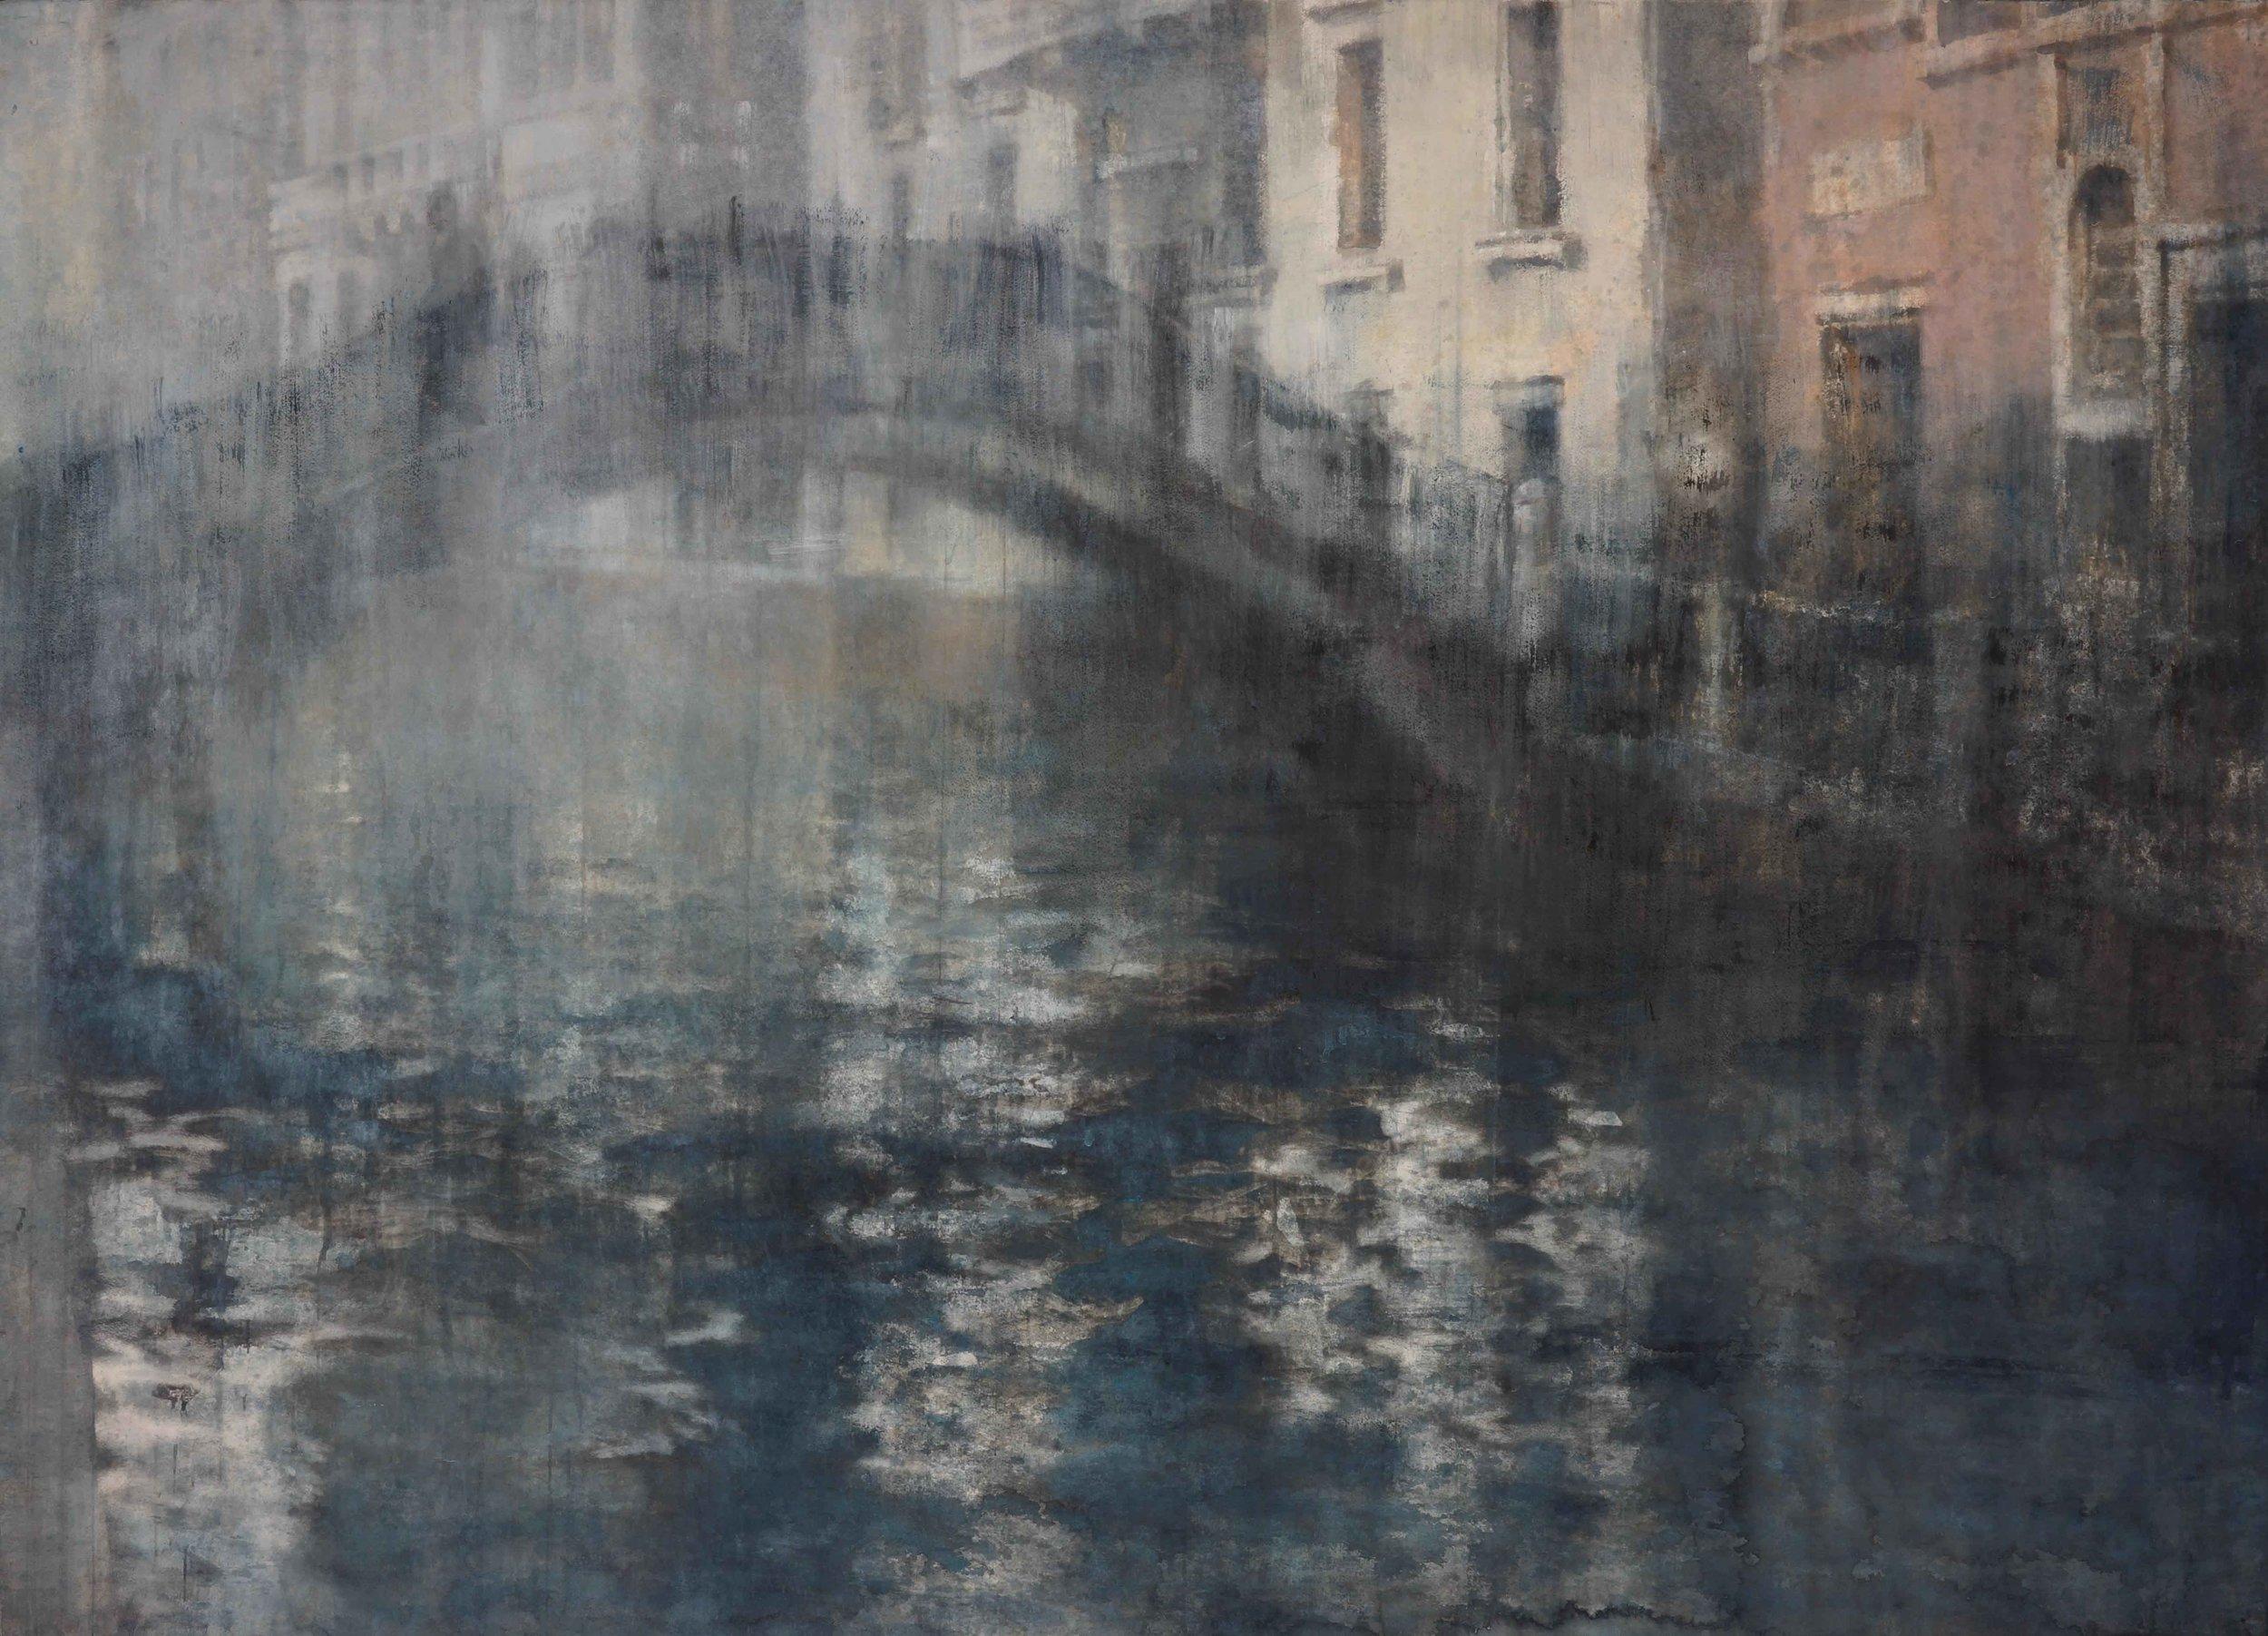 Venice Mist, 2018